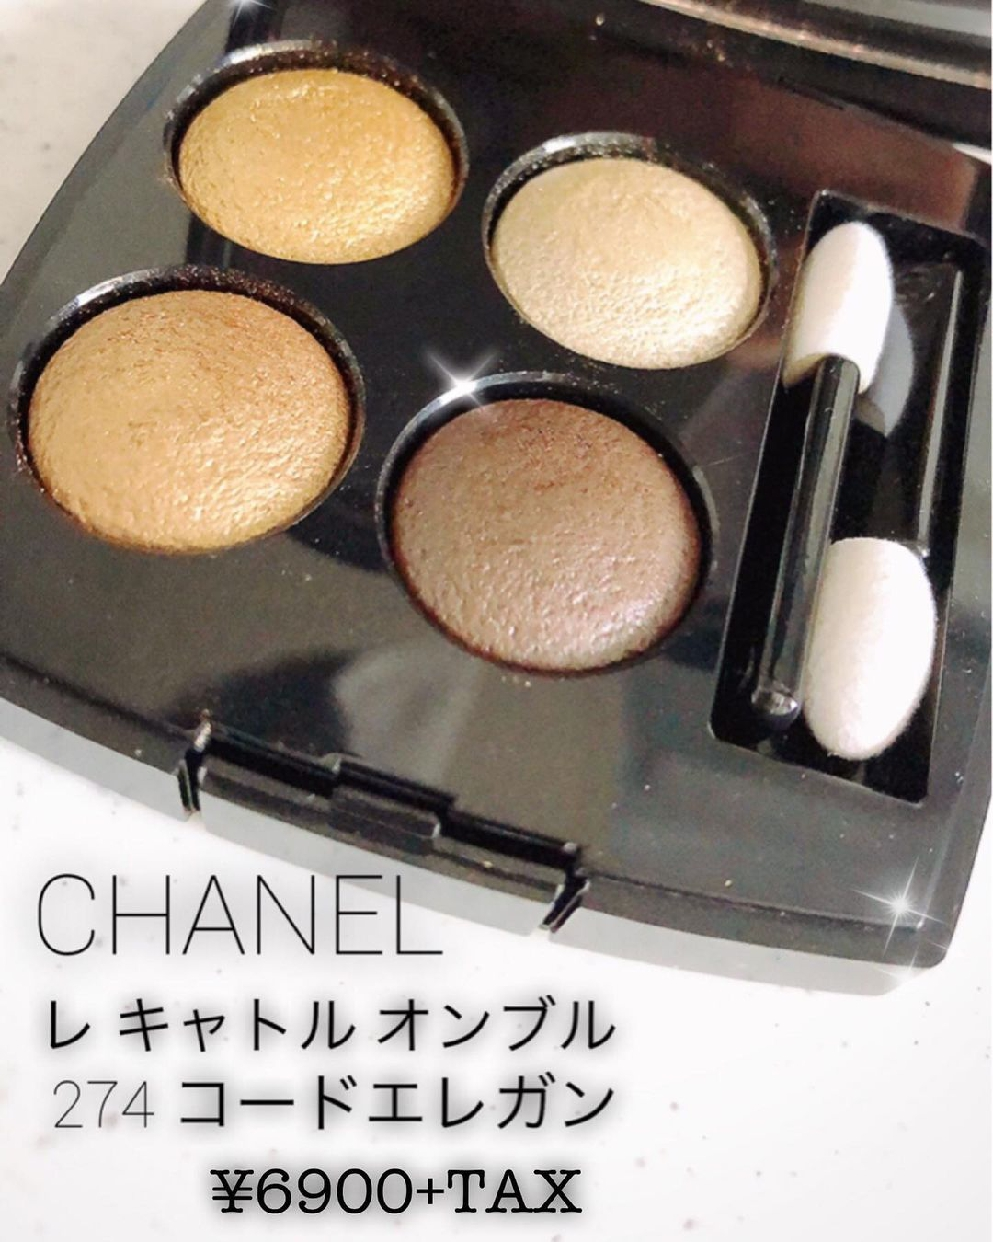 CHANEL(シャネル)レ キャトル オンブルを使った             Beautyさんのクチコミ画像